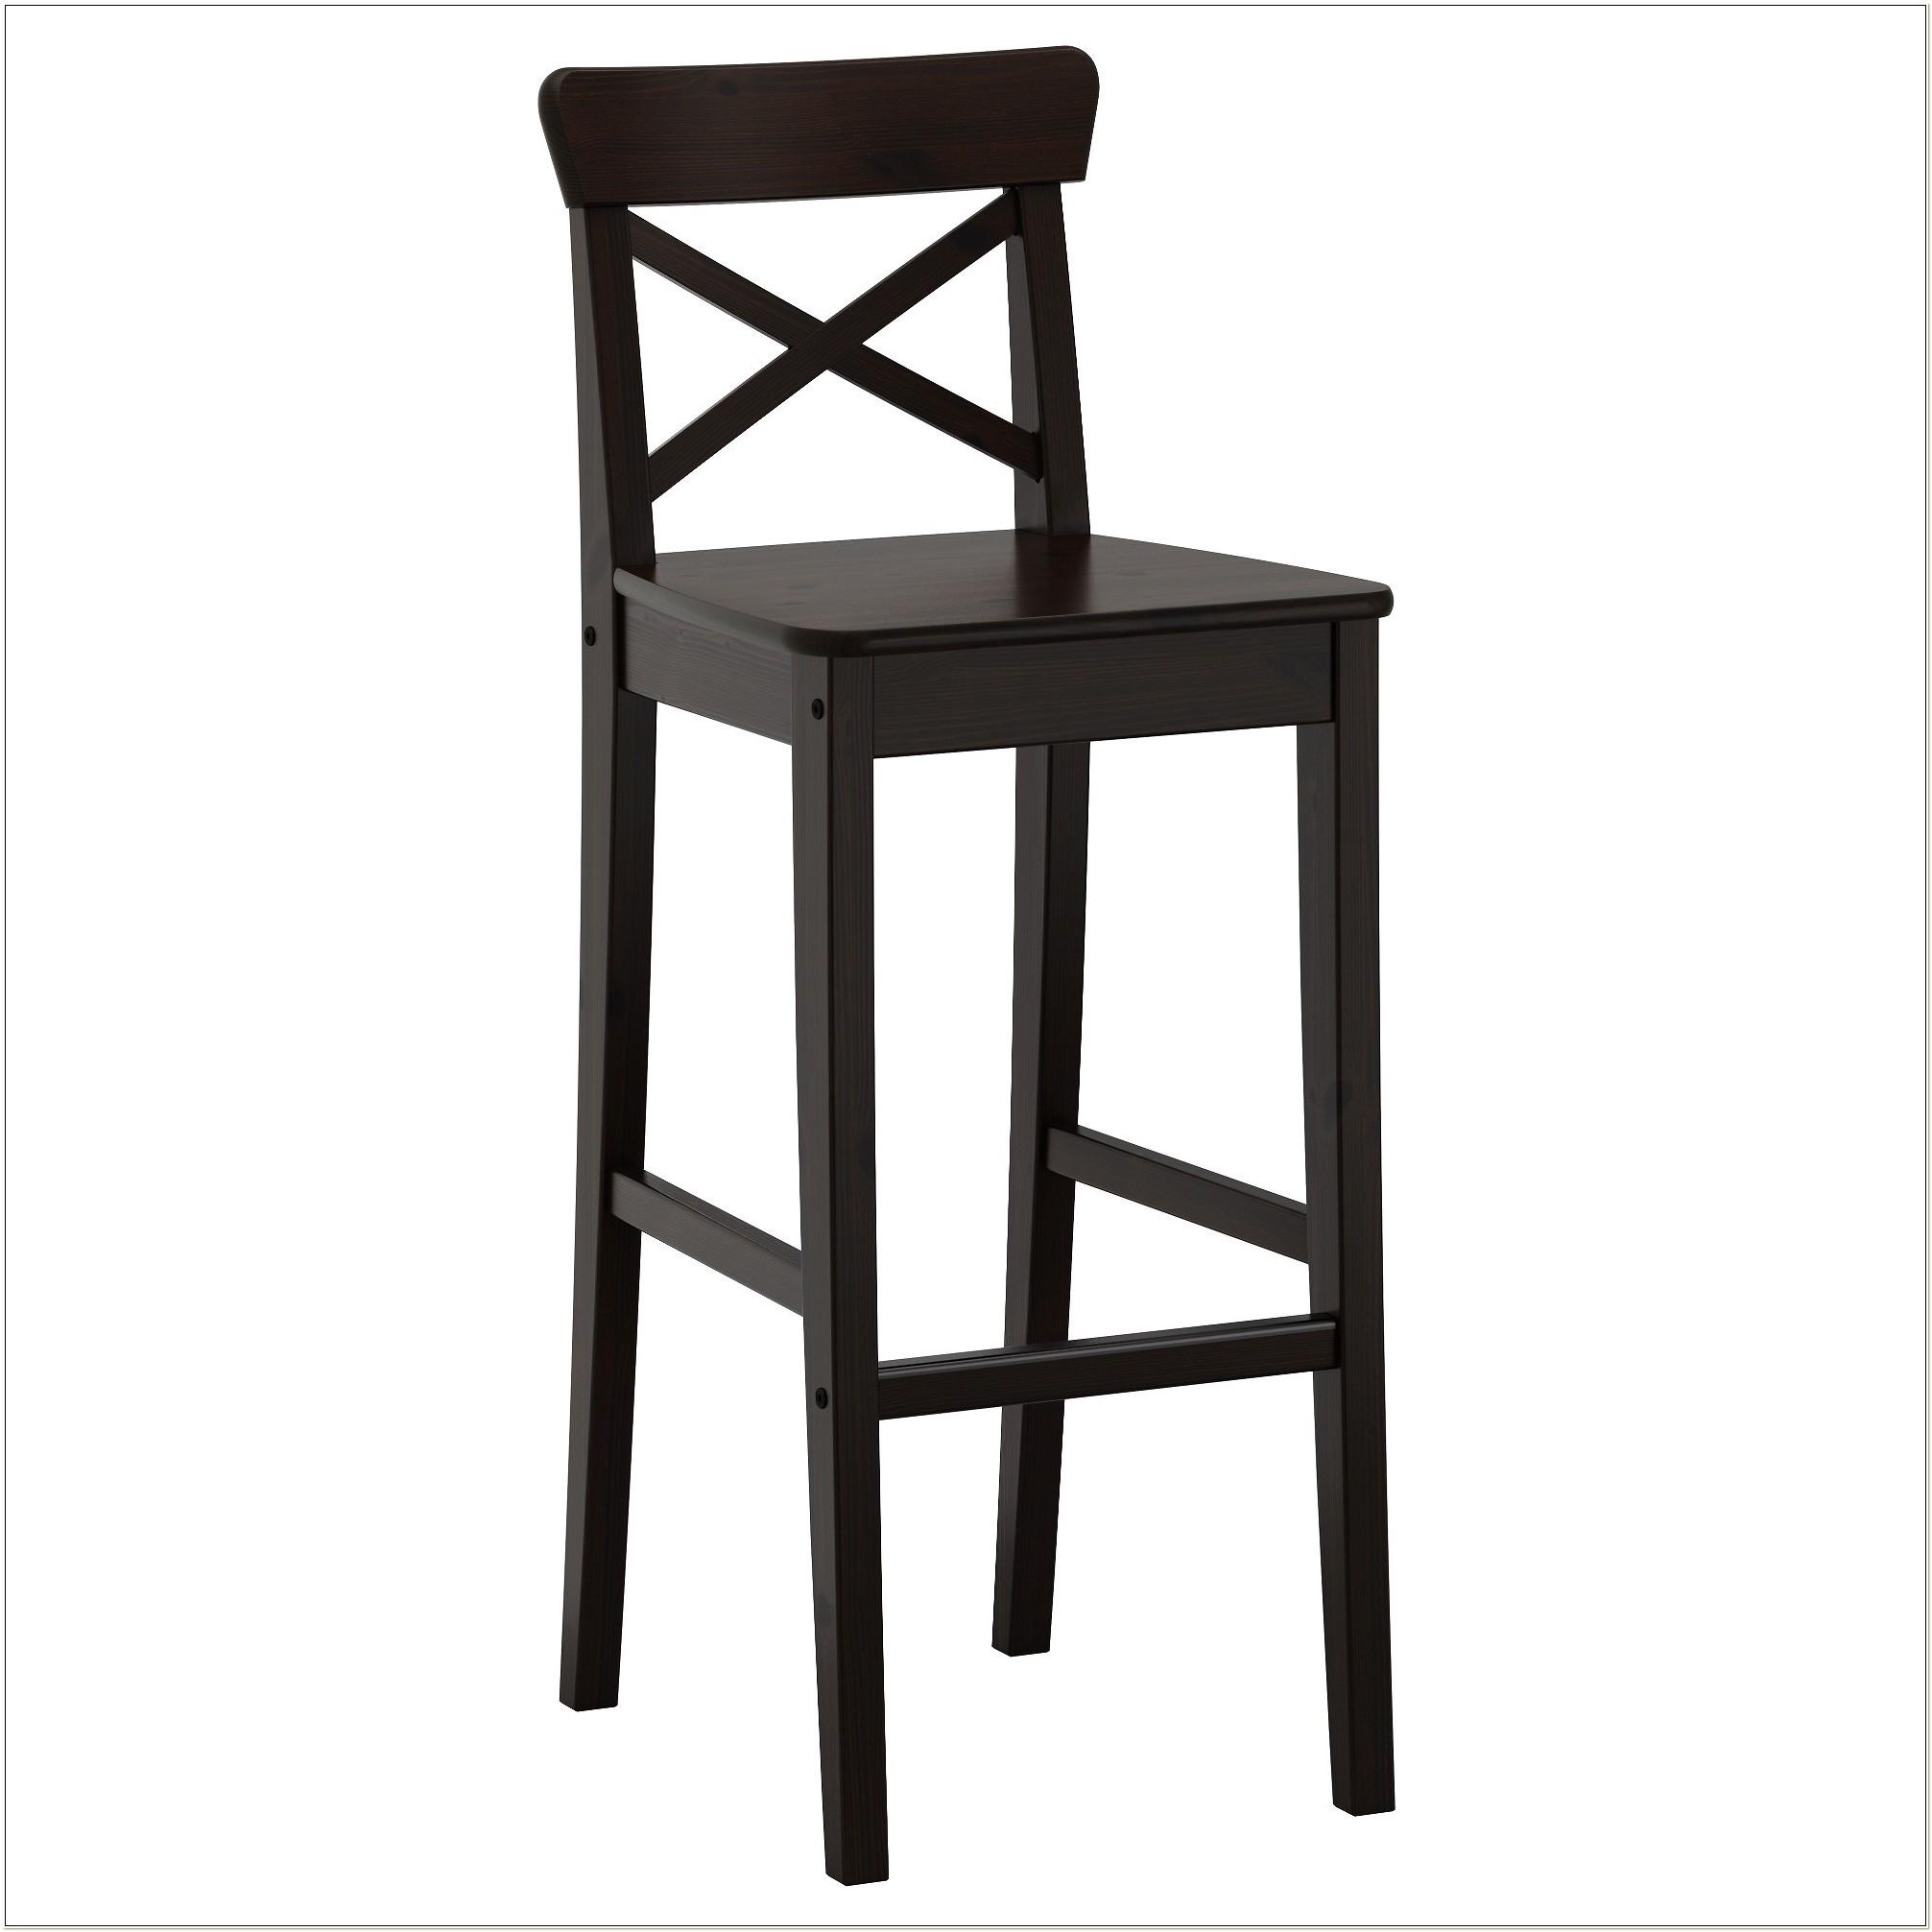 Bar Stool Chairs Ikea